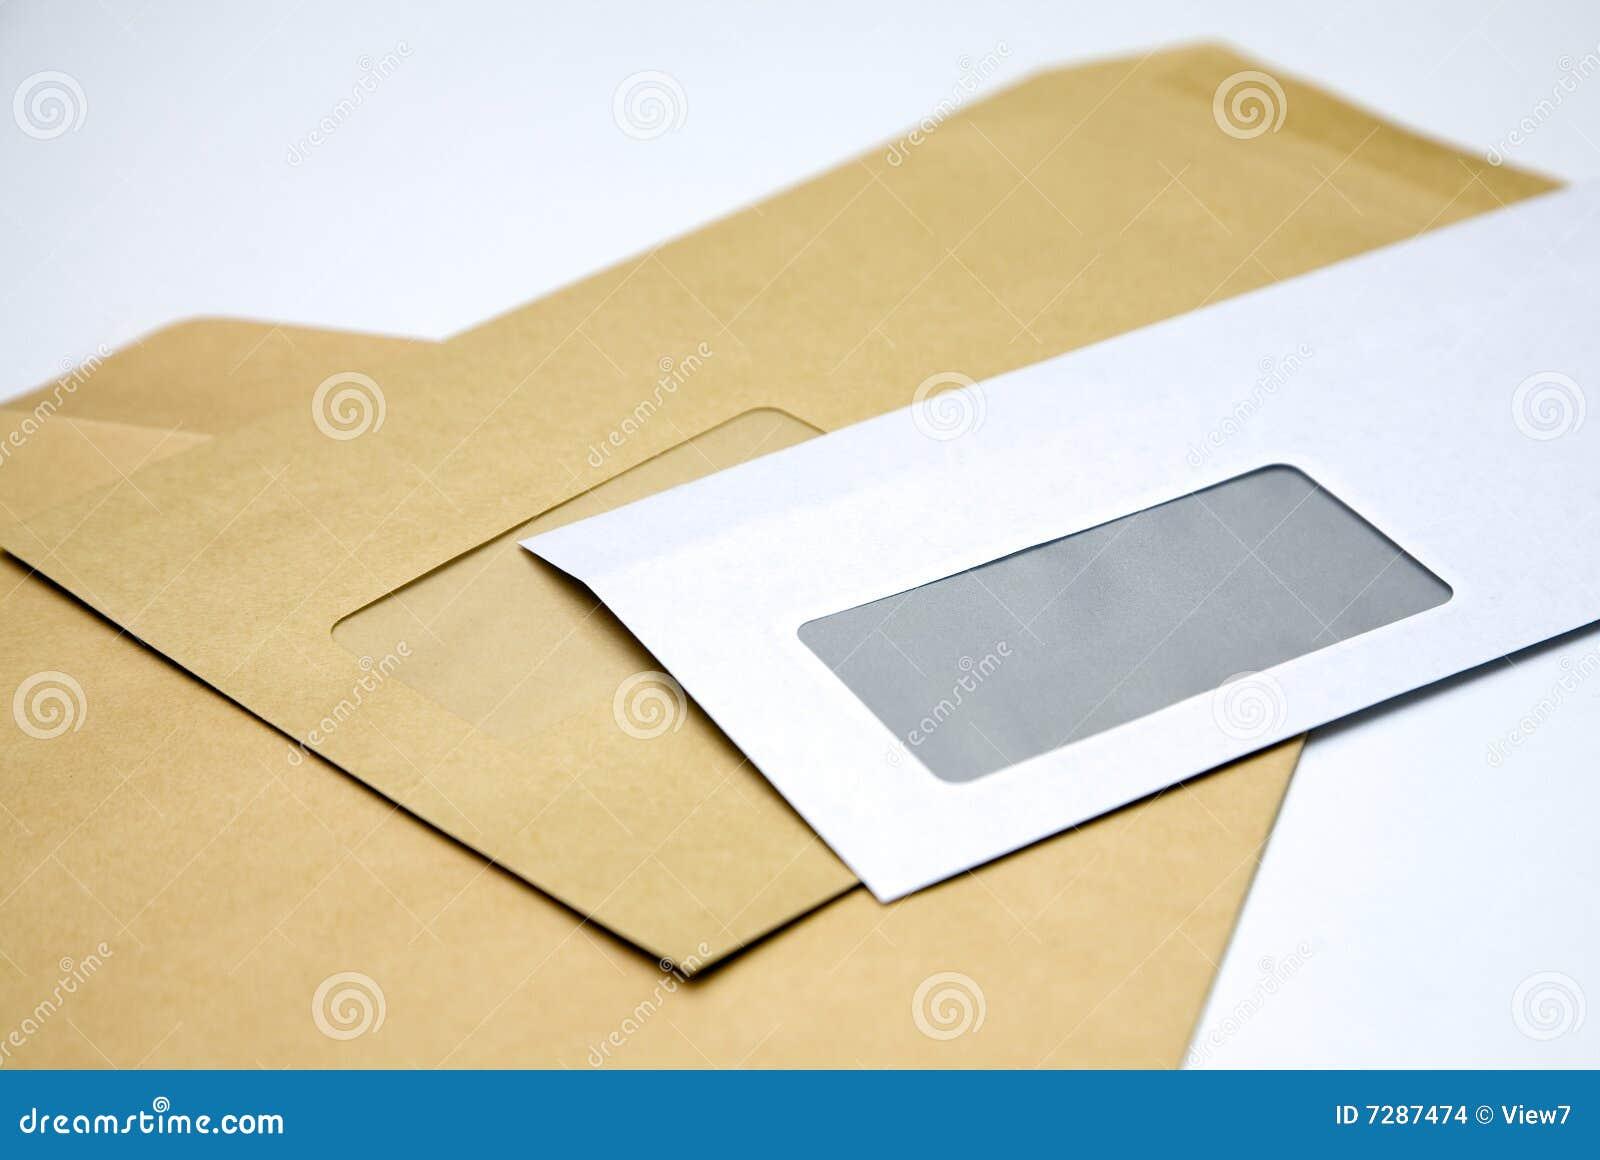 Pila de sobres en blanco